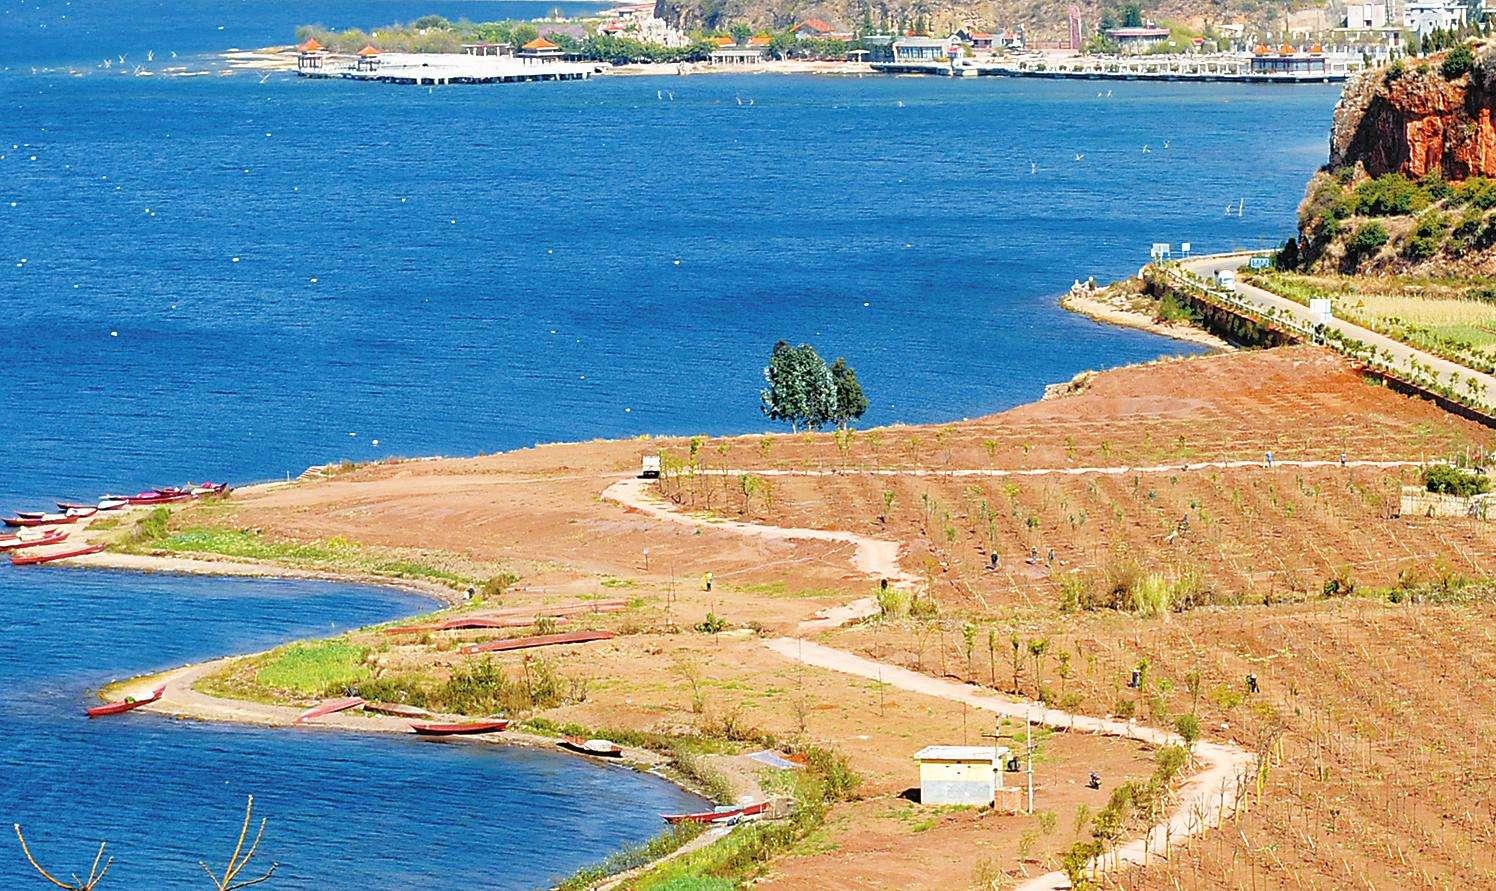 抚仙湖因连年长期干旱和农业用水的增加使其水位下降,以每天0.5厘米的速度下降。